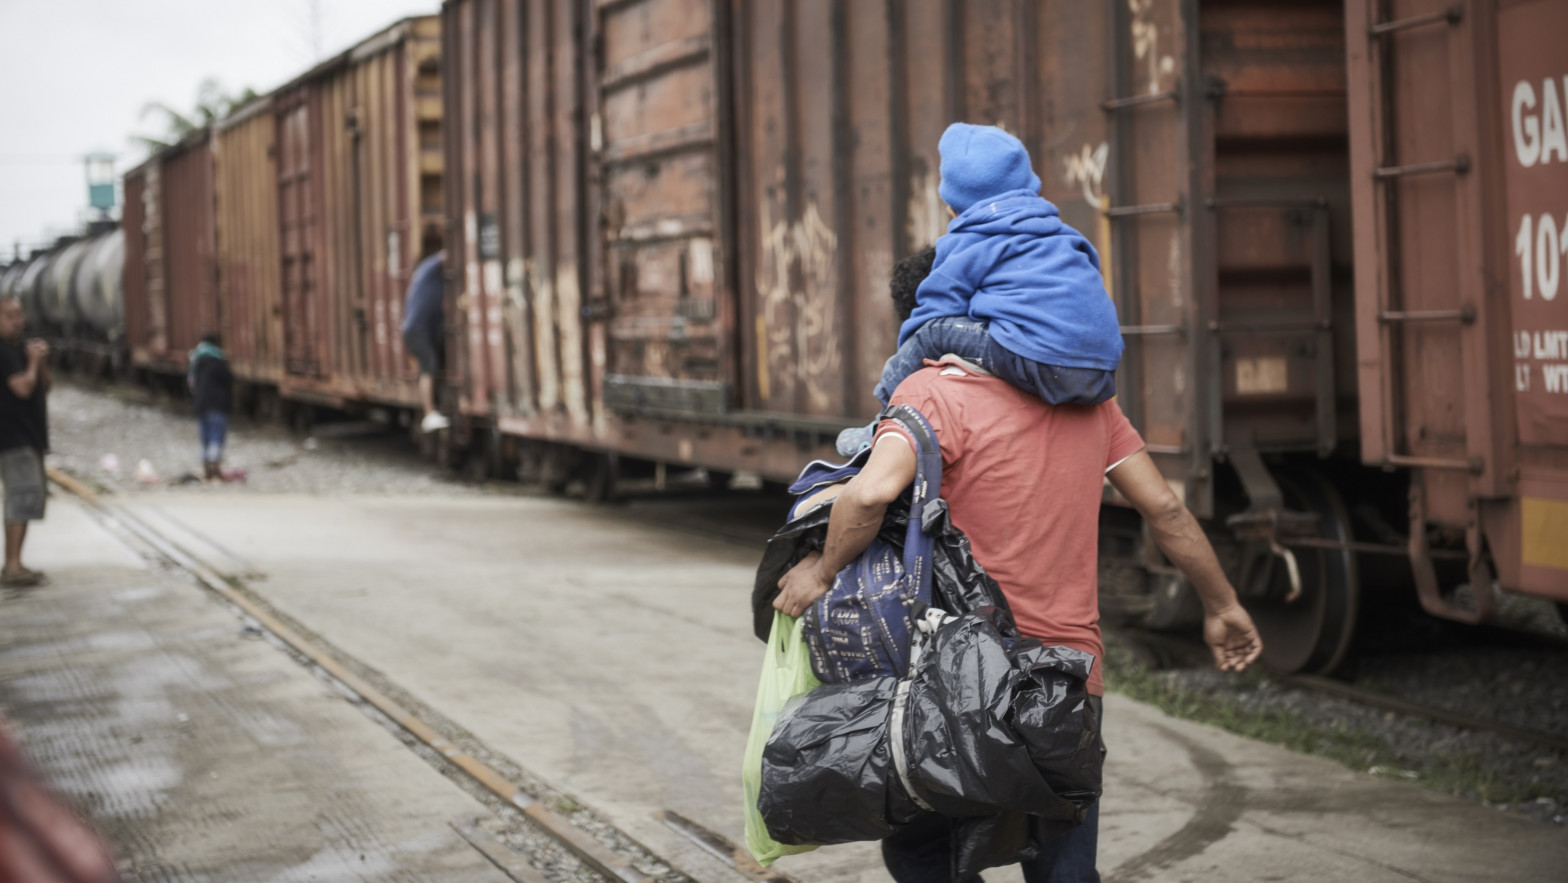 EEUU acuerda con Centroamérica desplegar más tropas en las fronteras para frenar la inmigración